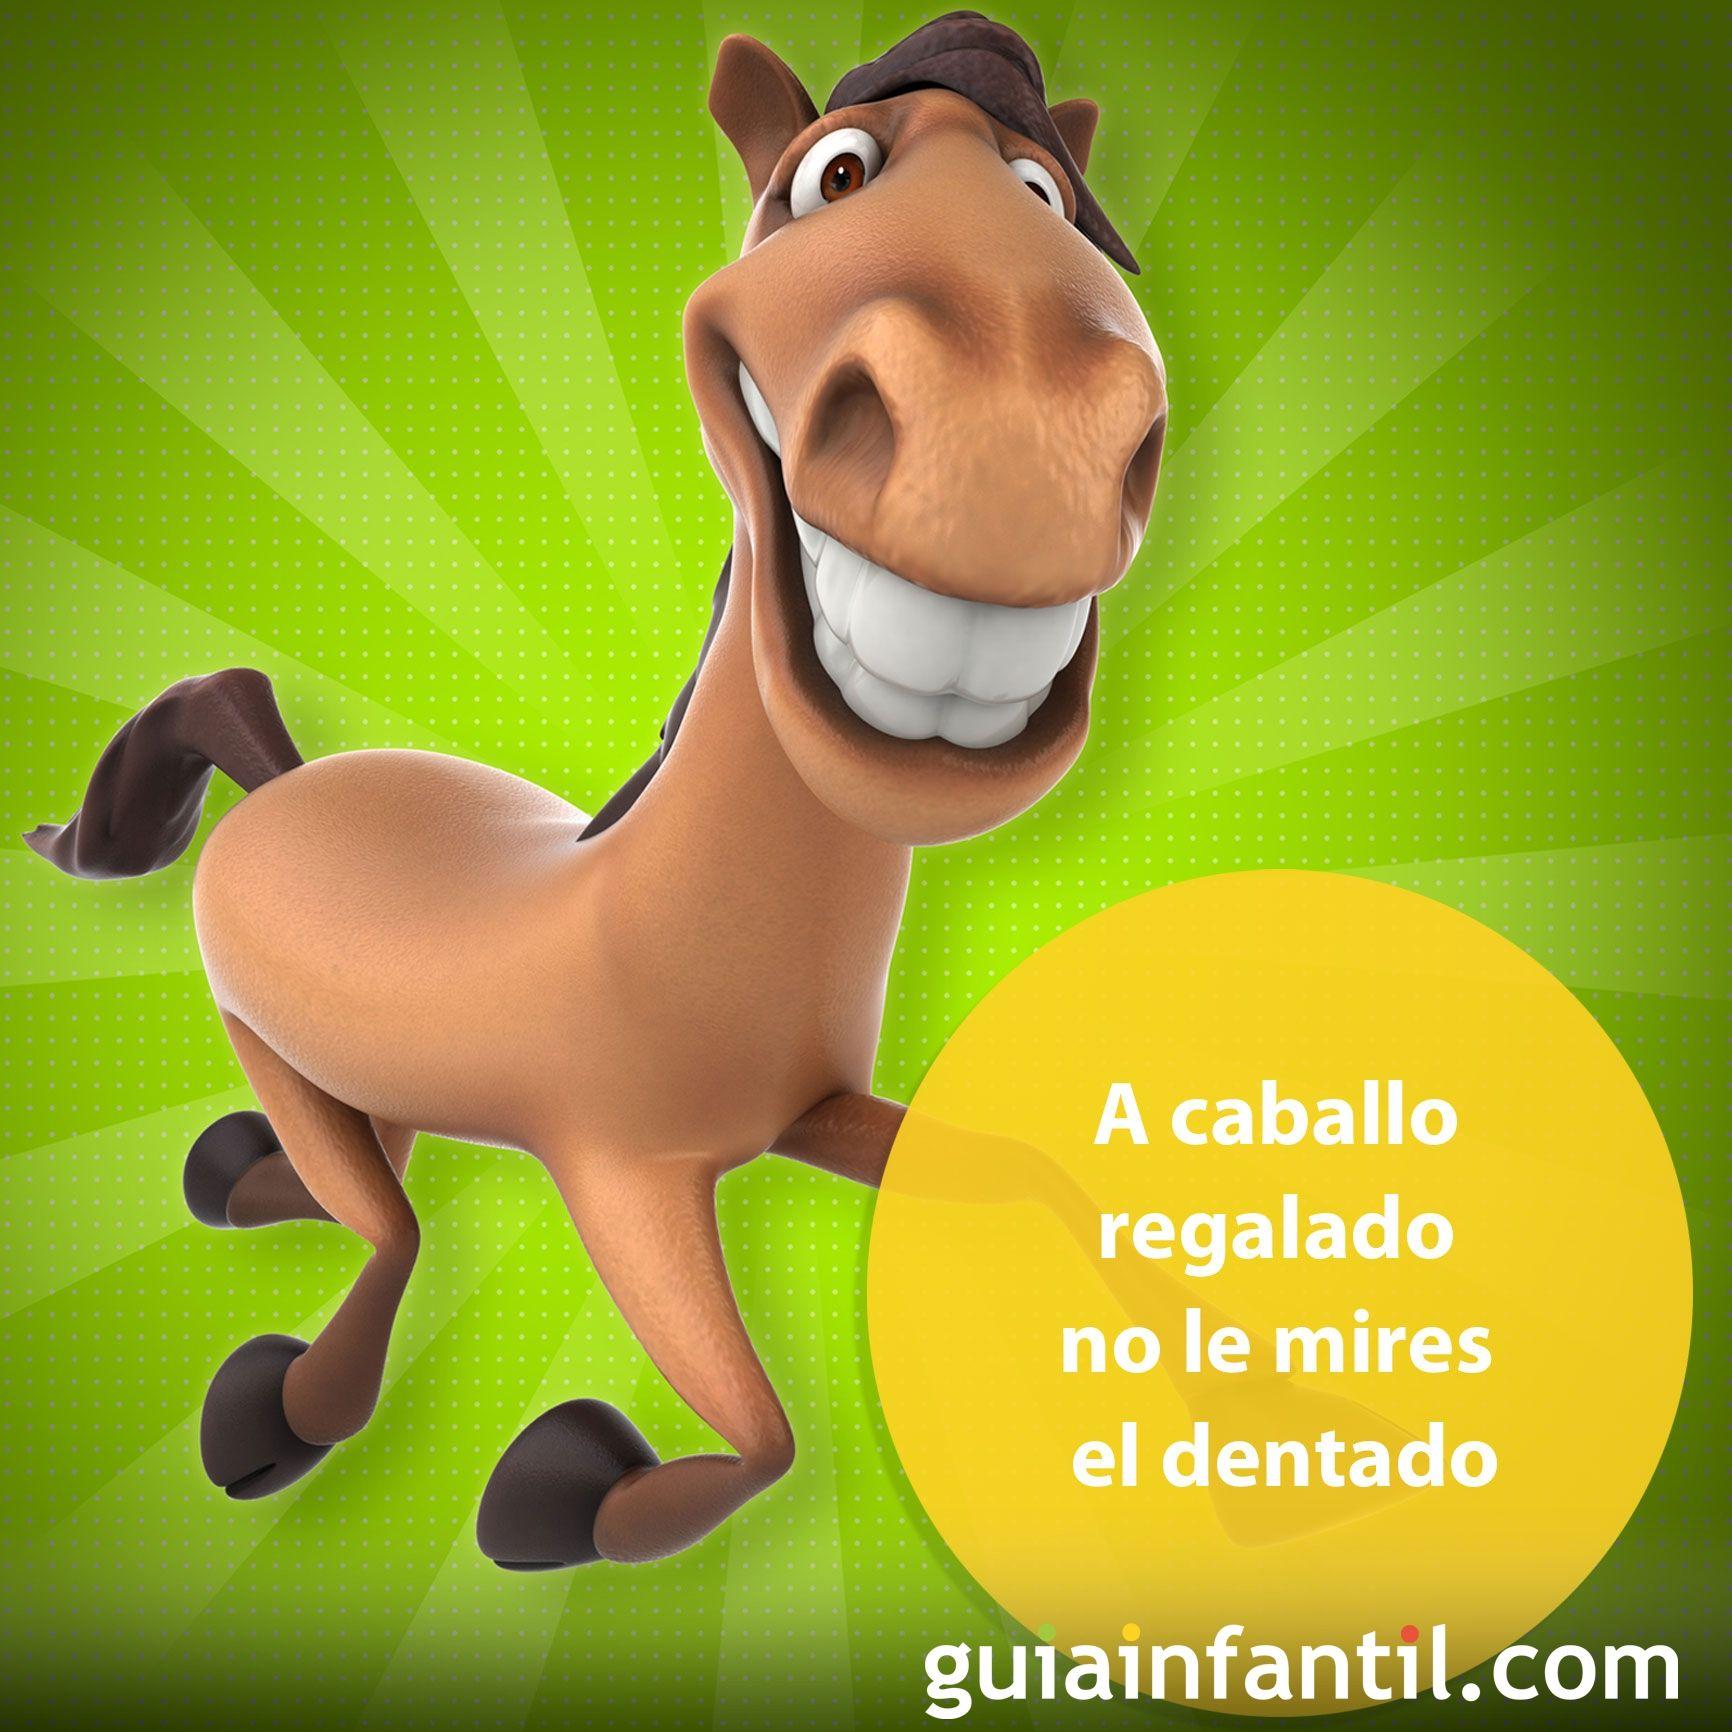 A caballo regalado no le mires el dentado. Refranes para niños